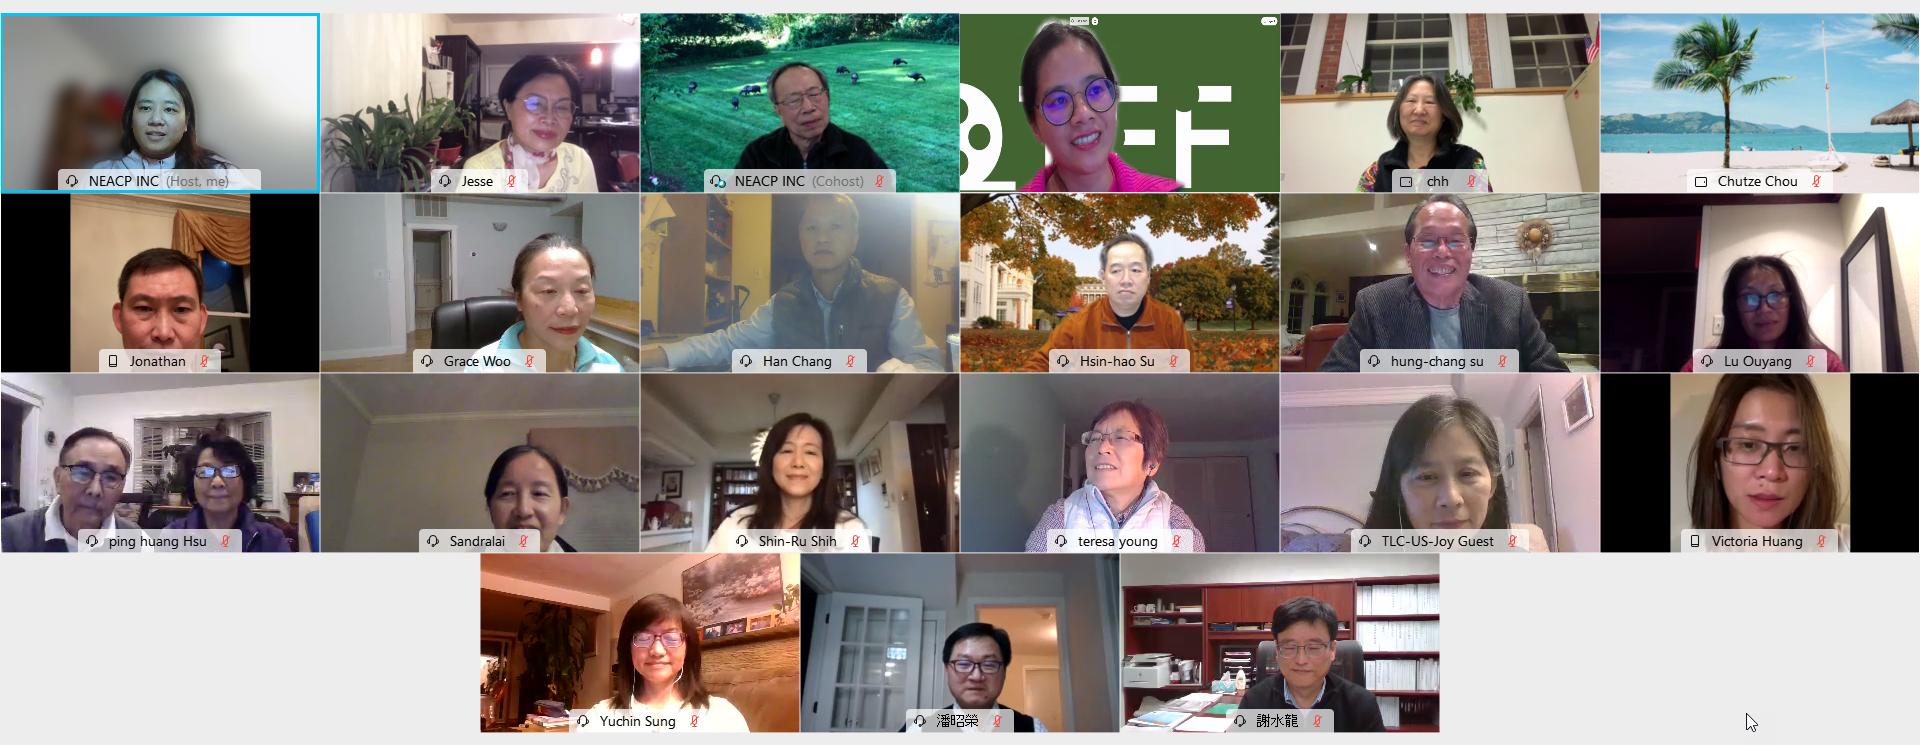 台湾推出2030跨世代年轻学者方案促进科技创新和发展